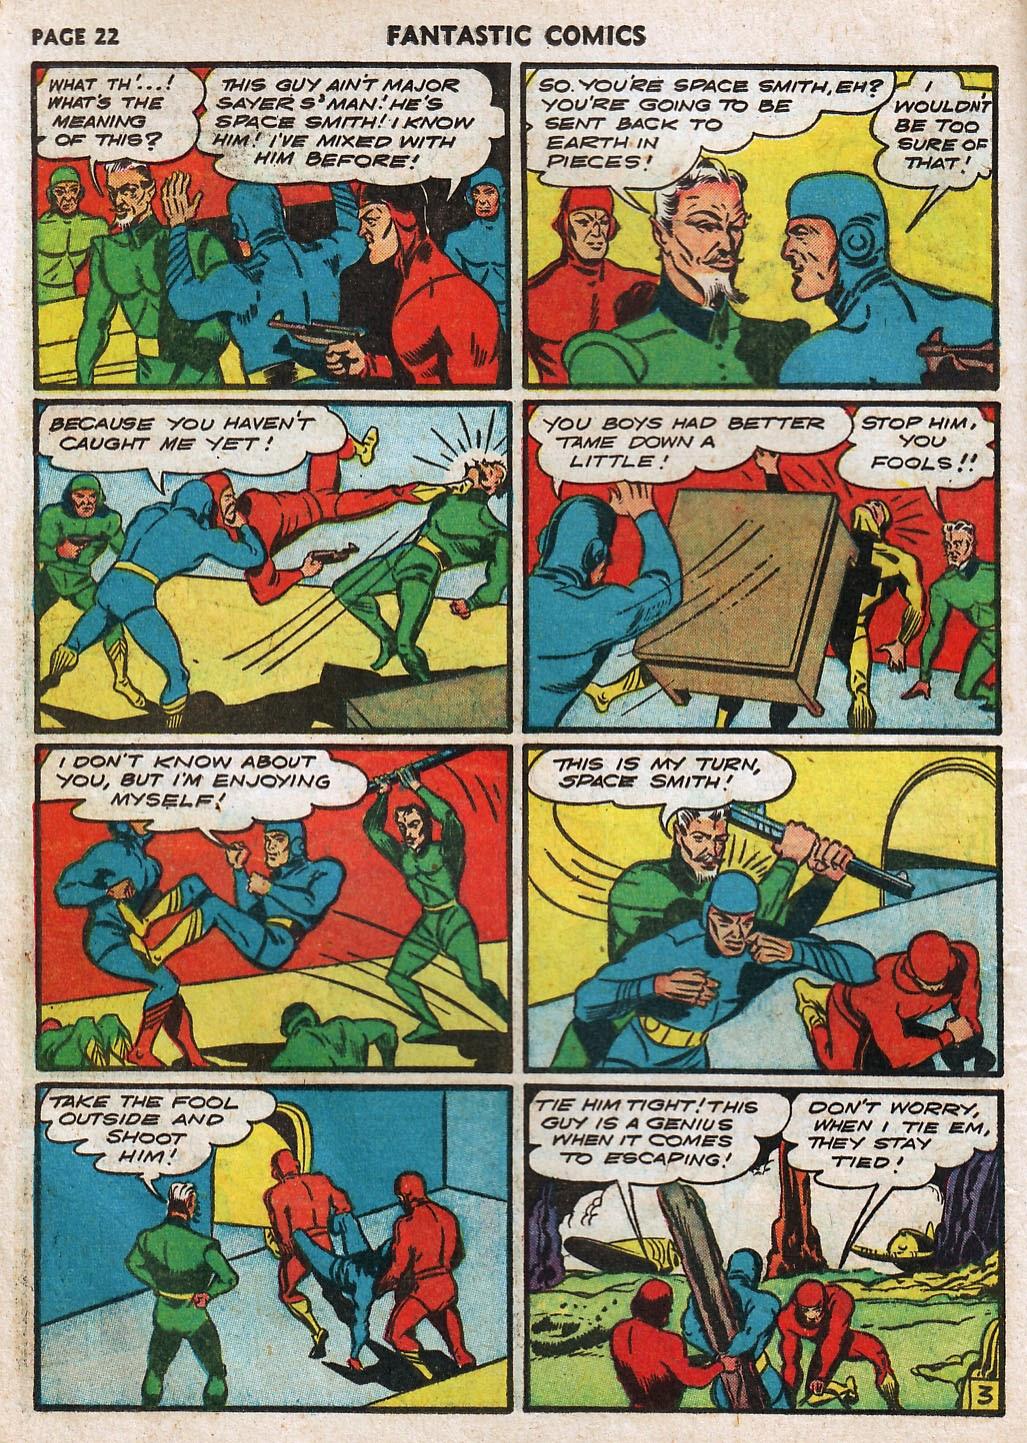 Read online Fantastic Comics comic -  Issue #17 - 24